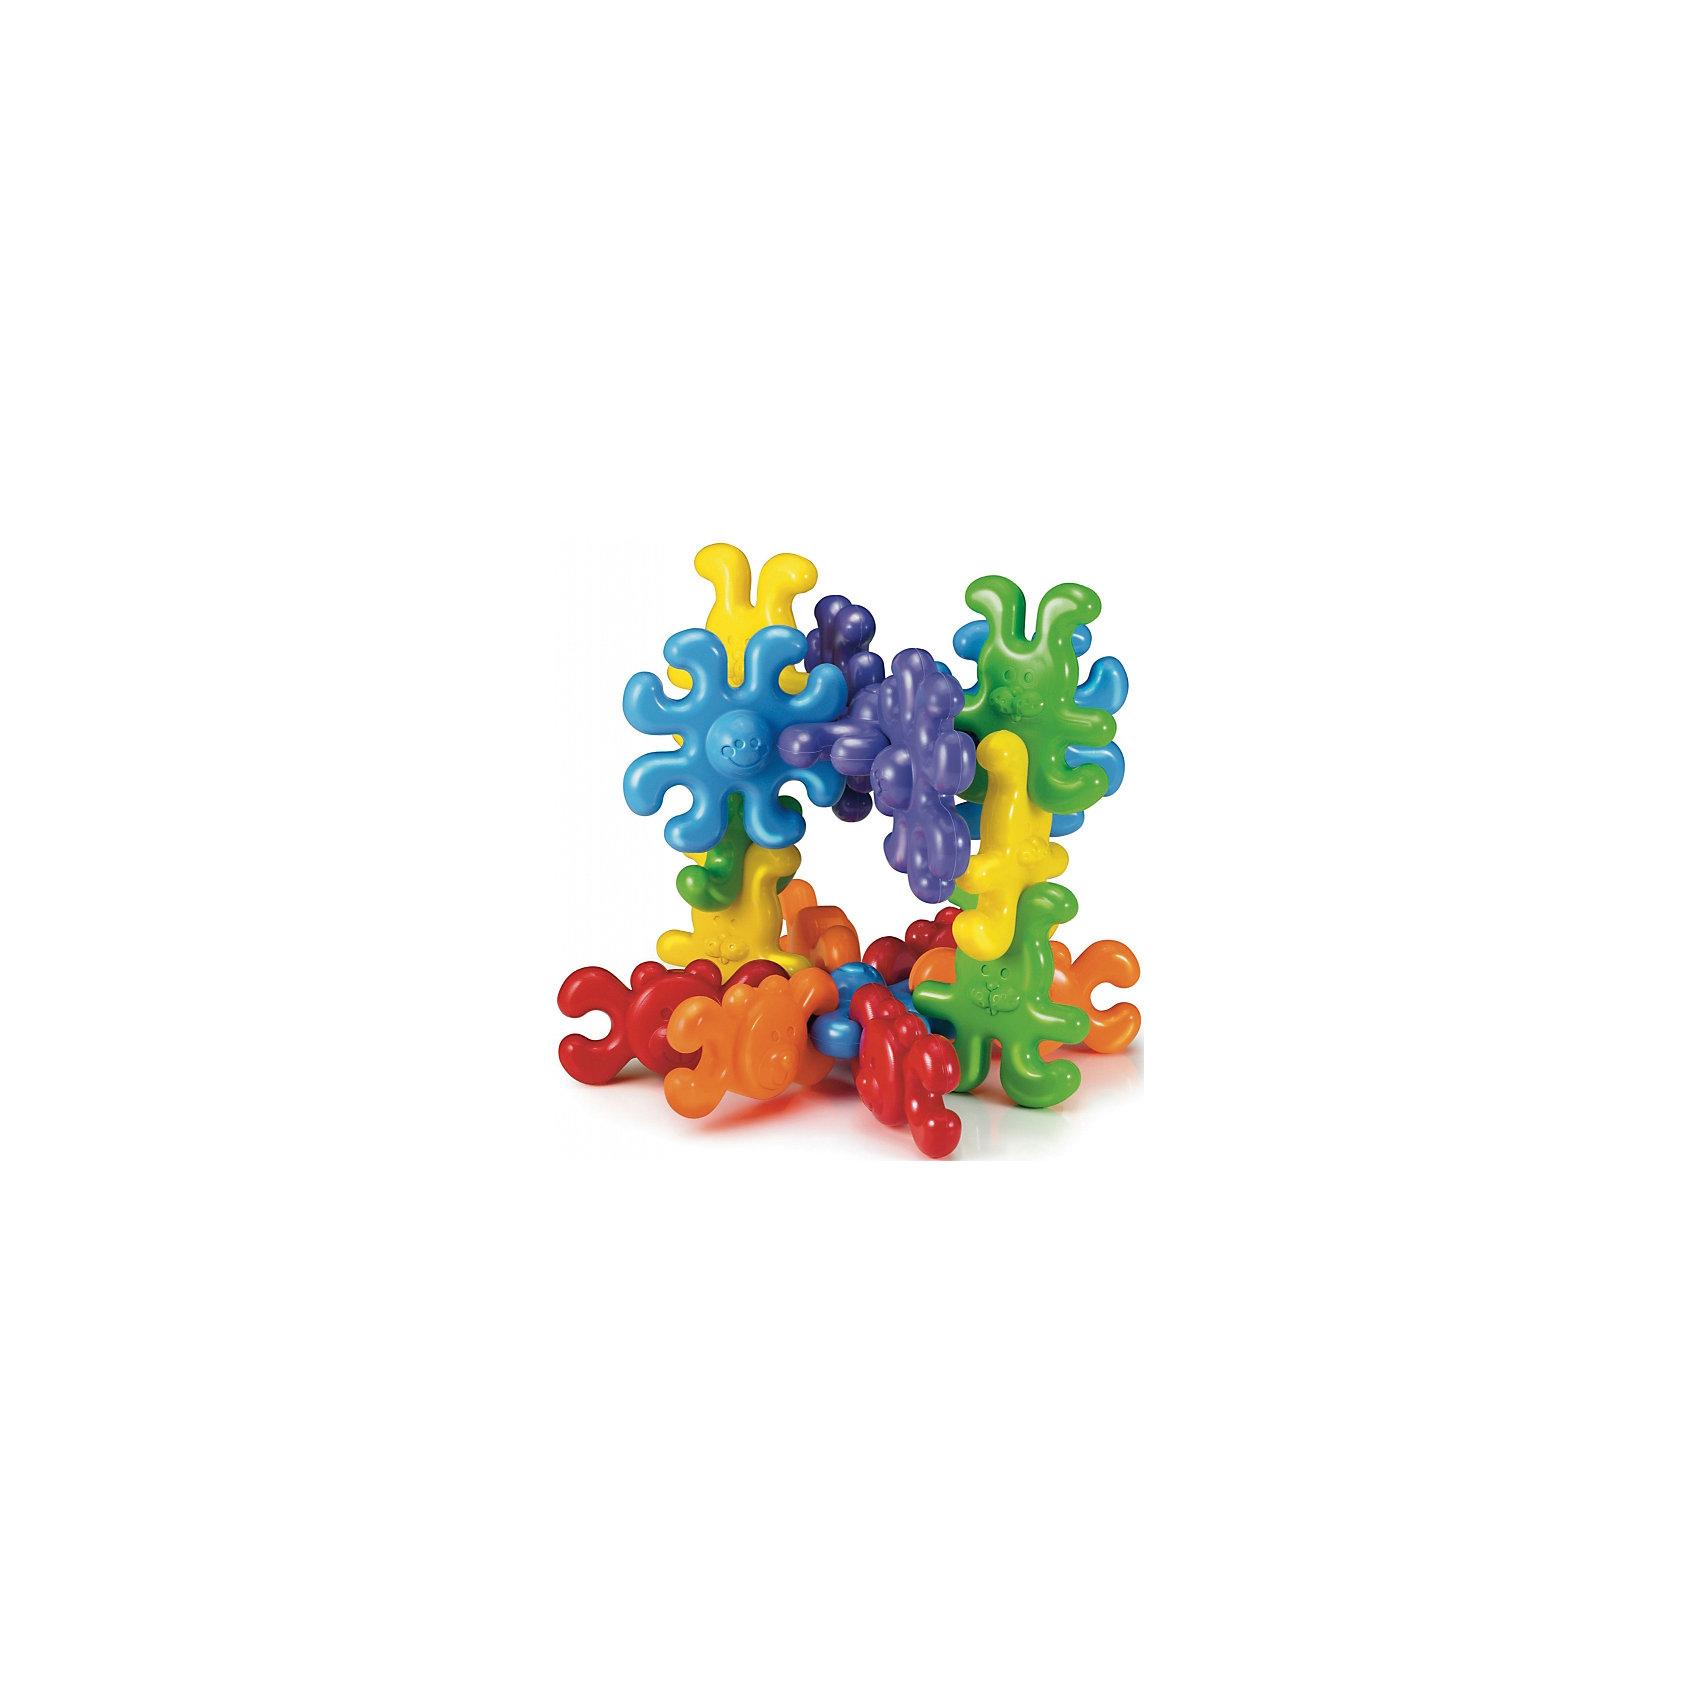 Конструктор Цепочка из животных, 18 деталей, QuercettiПластмассовые конструкторы<br>Конструктор Цепочка из животных, 18 деталей, Quercetti (Кверсетти).<br><br>Характеристики:<br><br>- В наборе 18 разноцветных деталей: 6 мишек (красные, оранжевые), 6 зайчиков (желтые, зеленые), 6 осьминогов (голубые сиреневые)<br>- Материал: высококачественный пластик, окрашенный нетоксичными красками<br>- Упаковка: картонная коробка<br>- Размер упаковки: 18 х 29 х 9 см.<br>- Вес: 500 гр.<br><br>Конструктор Цепочка из животных от Quercetti (Кверсетти) принесет множество позитивный эмоций вашему малышу. Яркие цветные детали в виде улыбающихся животных привлекут внимание ребенка, а легкий вес позволит играть с ними очень долго. Во время игры он научится соединять детали, создавая цепочку или свою собственную конструкцию, сортировать детали по цвету, чередовать детали, соблюдая определенную закономерность. Все детали соединяются между собой при помощи универсальных креплений. Для знакомства с конструктором соберите вместе с ребенком цепочки из мишек, зайчиков или желтую и красную цепочку. Затем попробуйте вместе с малышом собрать цепочку, где детали чередуются или расположены симметрично. Можно собирать цепочки разной длины. Также детали конструктора можно использовать как счетный материал и осваивать понятия «один», «много», «больше», «меньше», «поровну». Постоянно пересчитывайте детали: для начала в пределах пяти, затем десяти, а потом и восемнадцати. Конструктор «Цепочка изживотных» развивает у ребенка логику, память, усидчивость и мелкую моторику рук, а также помогает научиться считать, изучить сходство и различия предметов, их объем, форму, цвет. Удобные крупные детали изготовлены из приятного на ощупь, мягкого и безопасного пластика, легко моются.<br><br>Конструктор Цепочка из животных, 18 деталей, Quercetti (Кверсетти) можно купить в нашем интернет-магазине.<br><br>Ширина мм: 180<br>Глубина мм: 90<br>Высота мм: 290<br>Вес г: 467<br>Возраст от месяцев: 12<br>Возраст до месяцев: 21